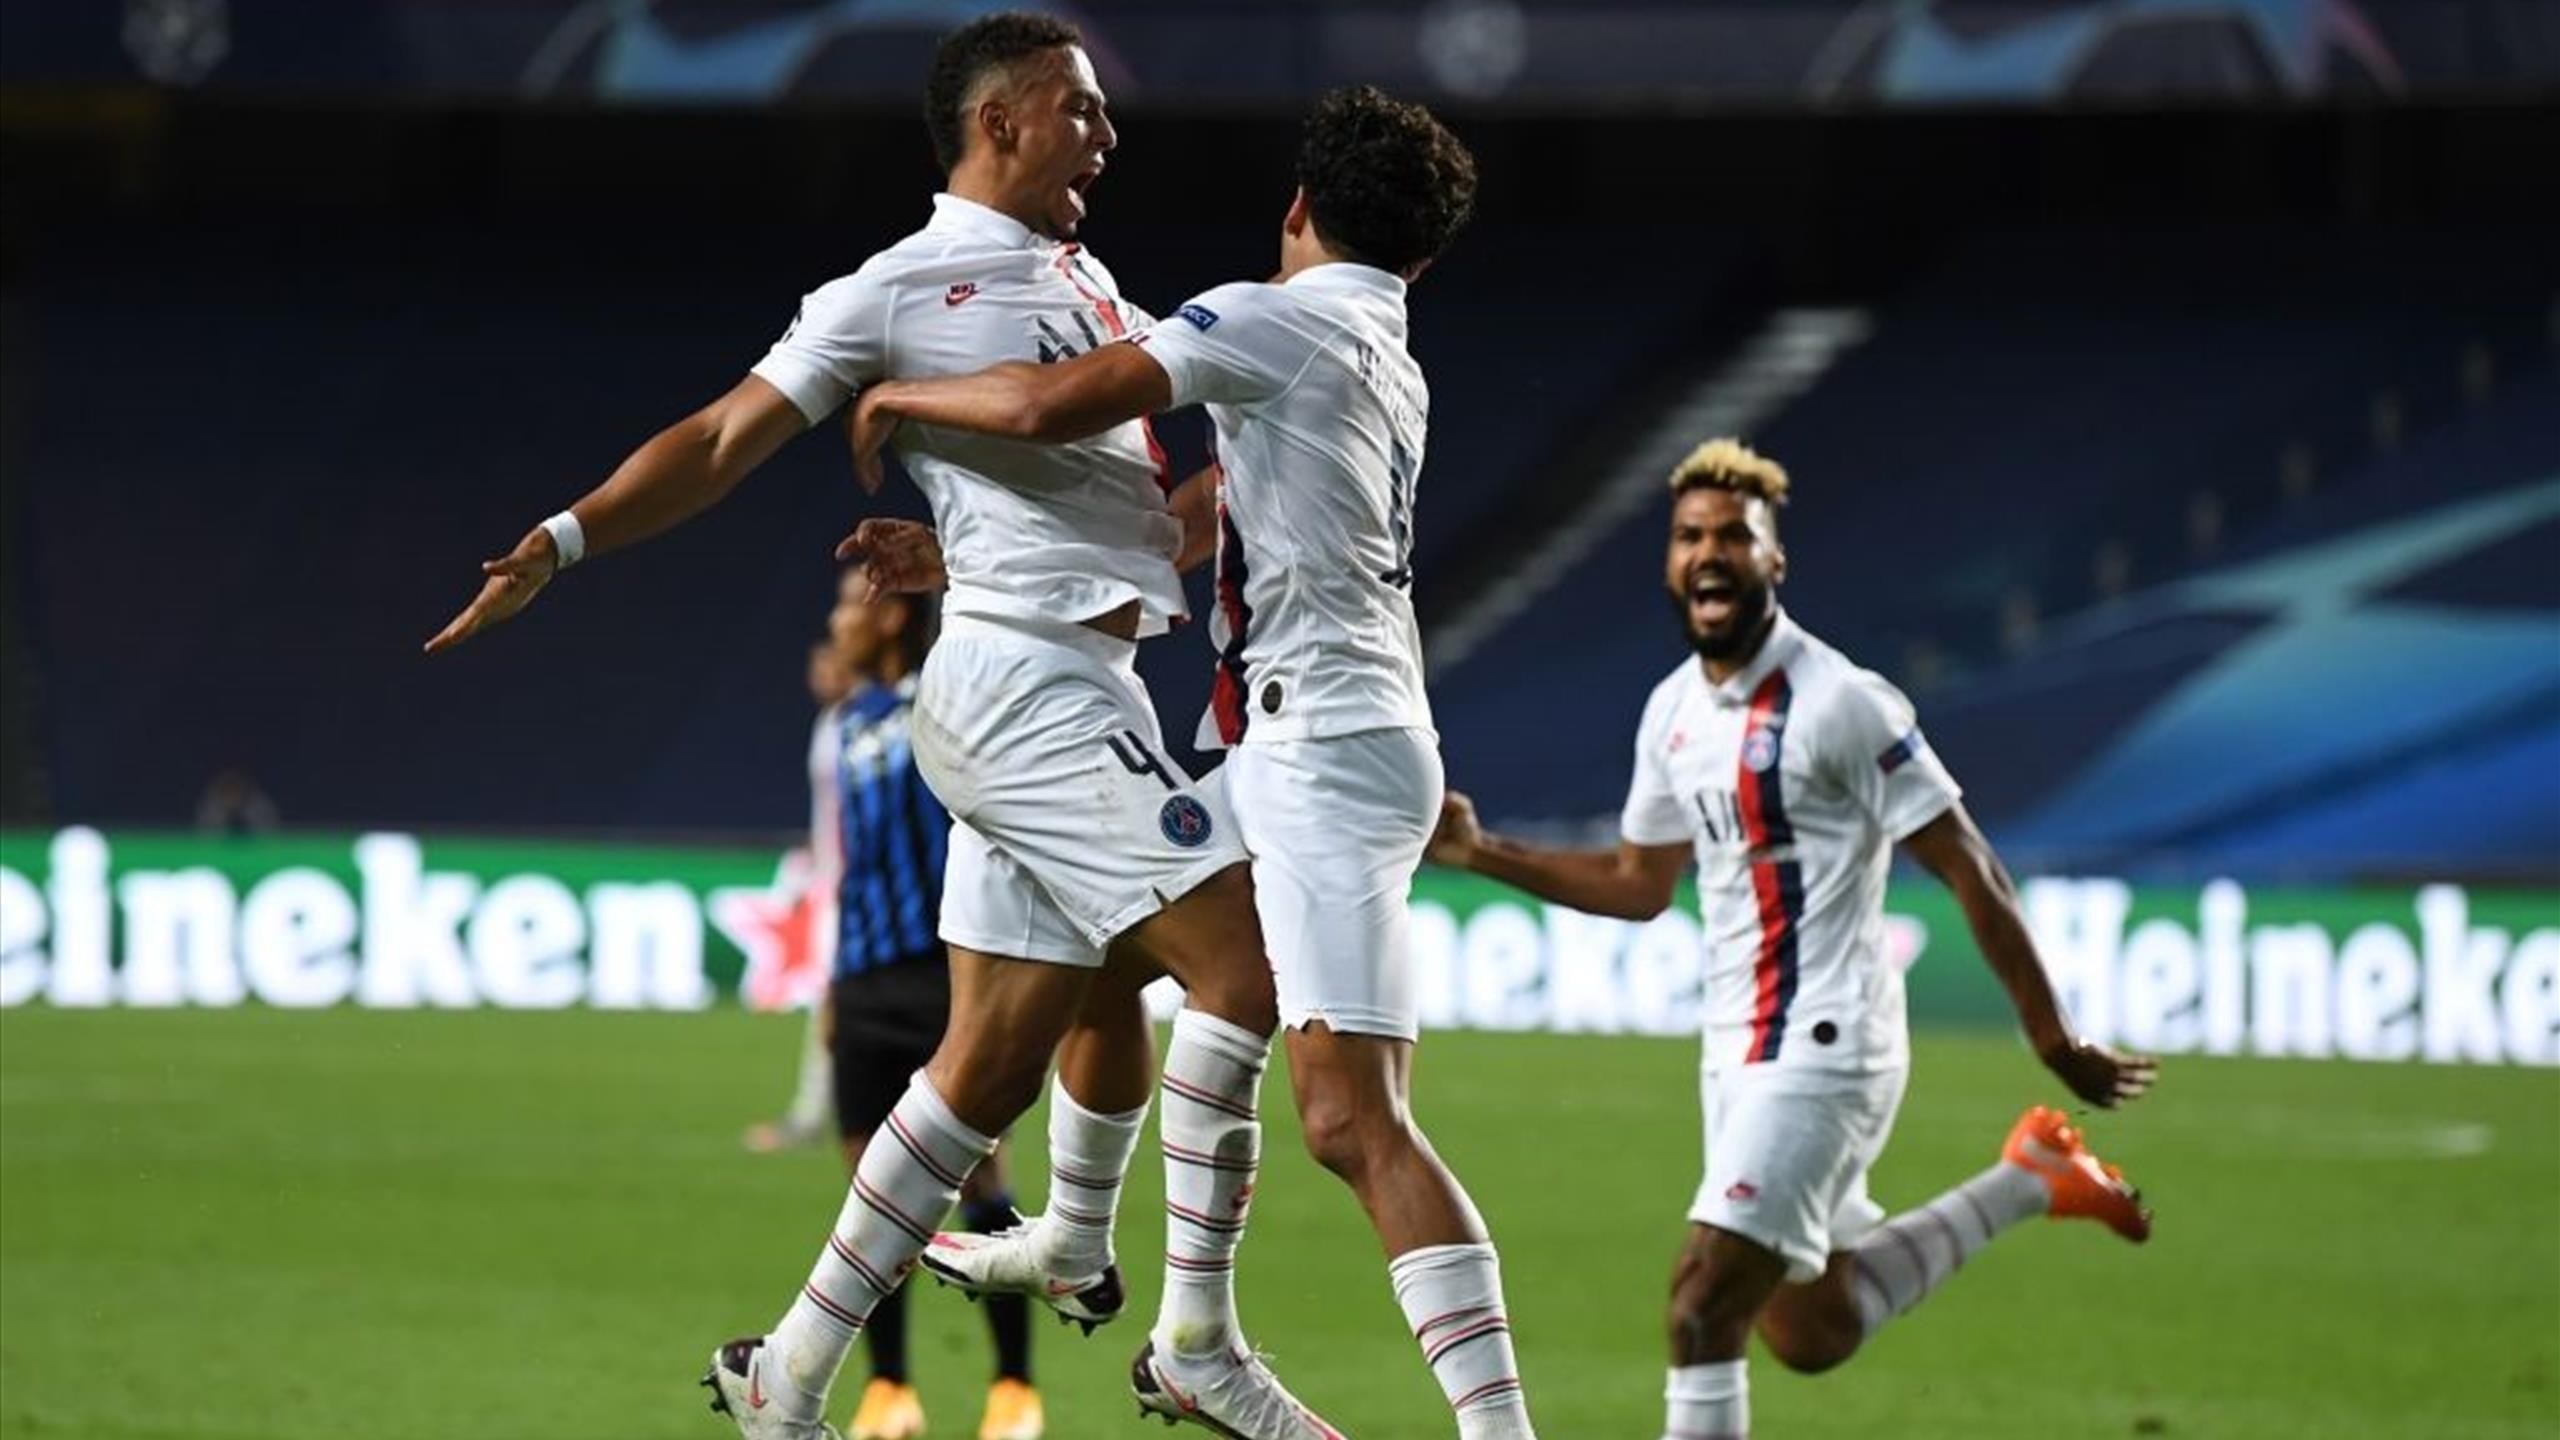 Football: Actualités, Résultats et Foot Mercato Eurosport